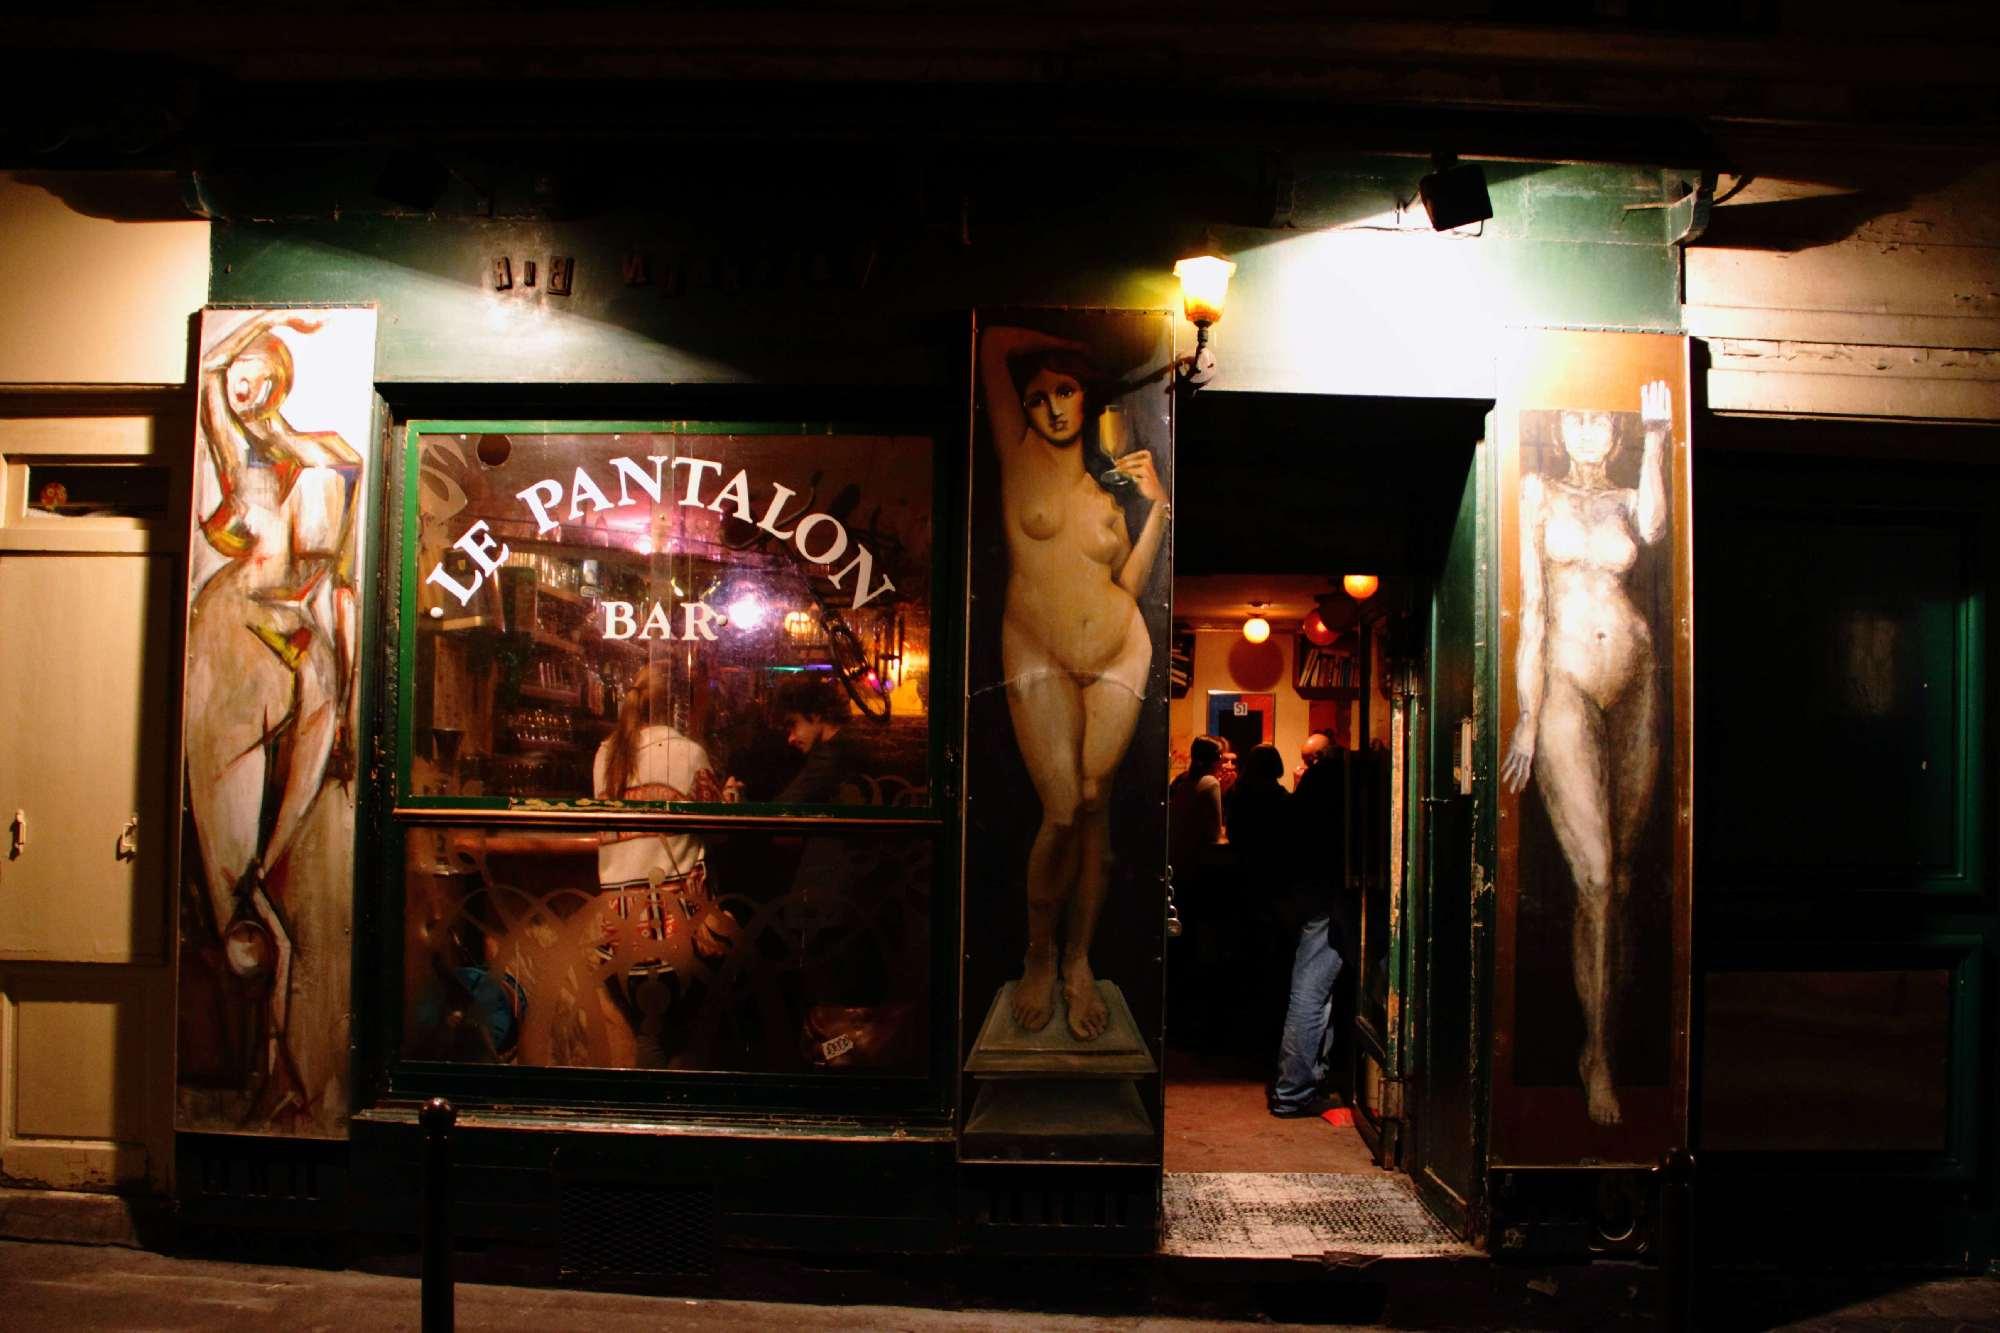 Bar: Le Pantalon